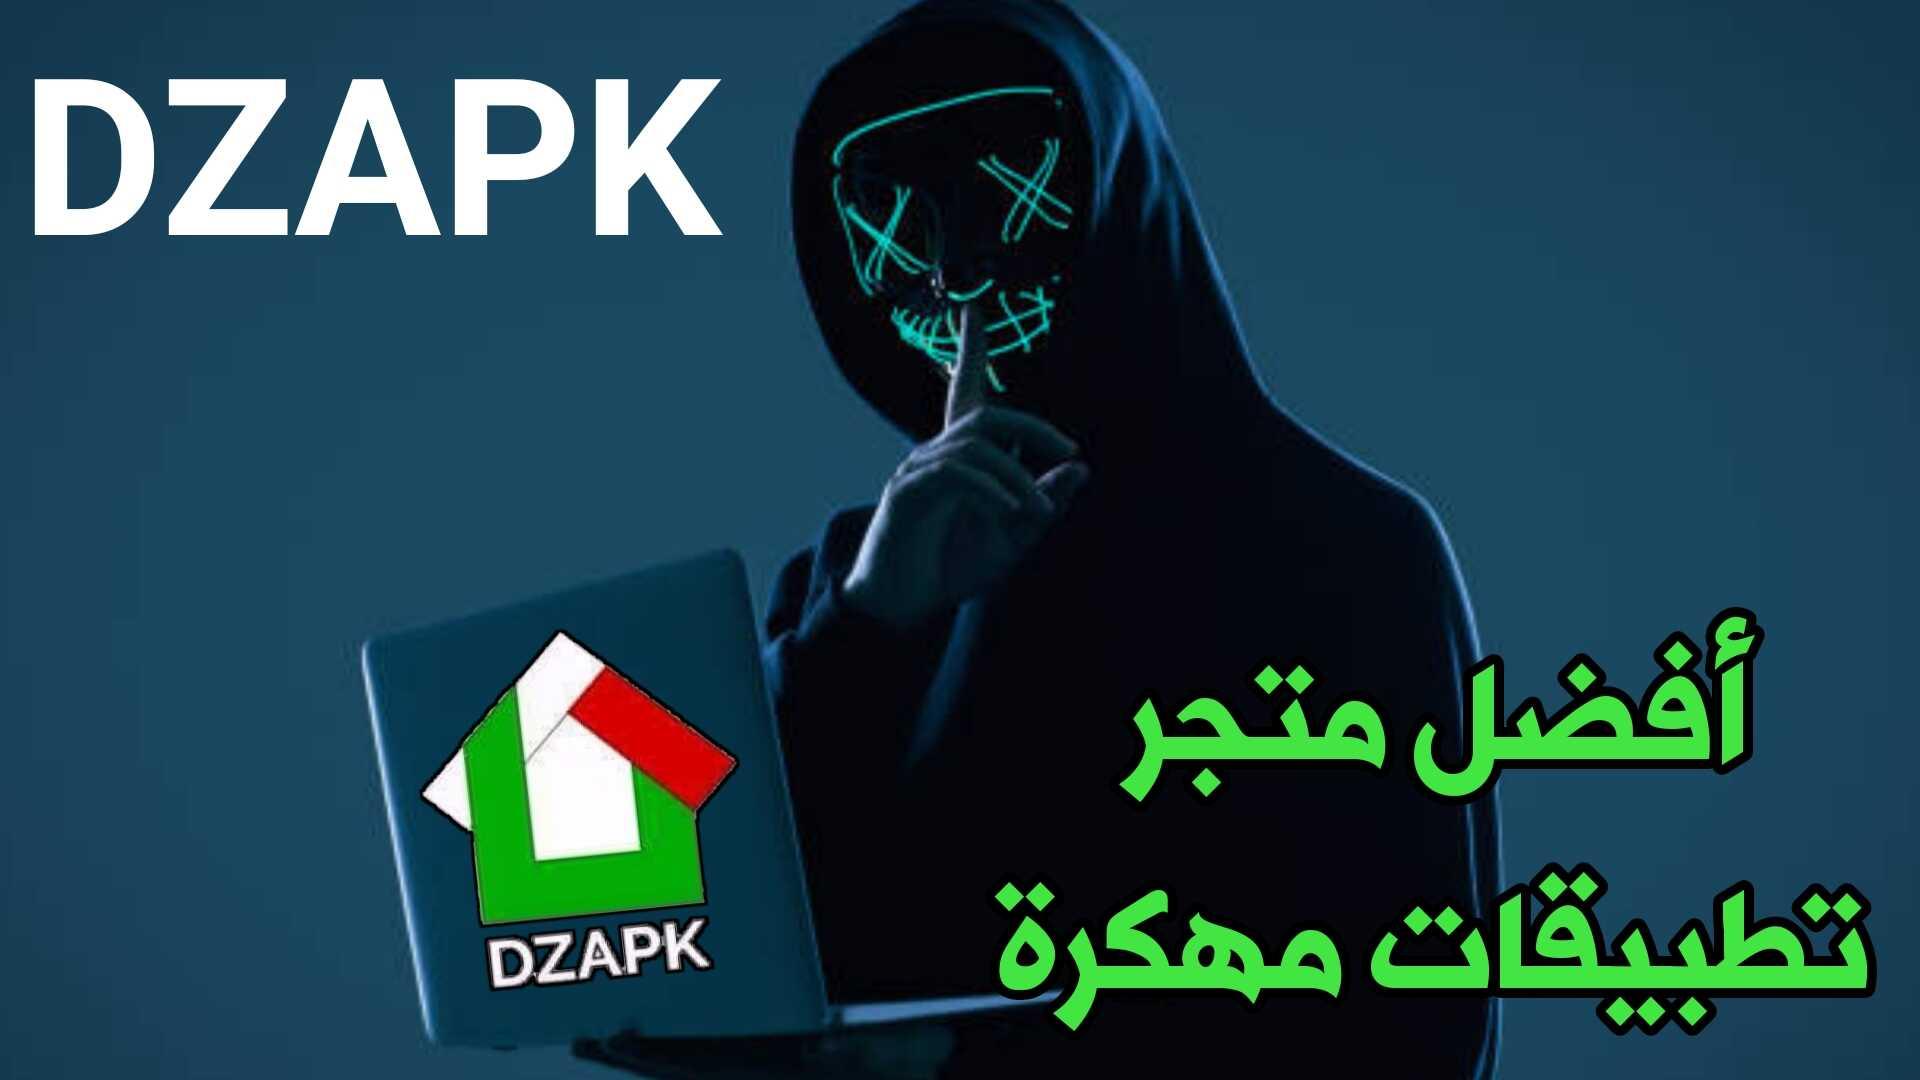 أفضل متجر تطبيقات مهكرة APK للاندرويد 2021